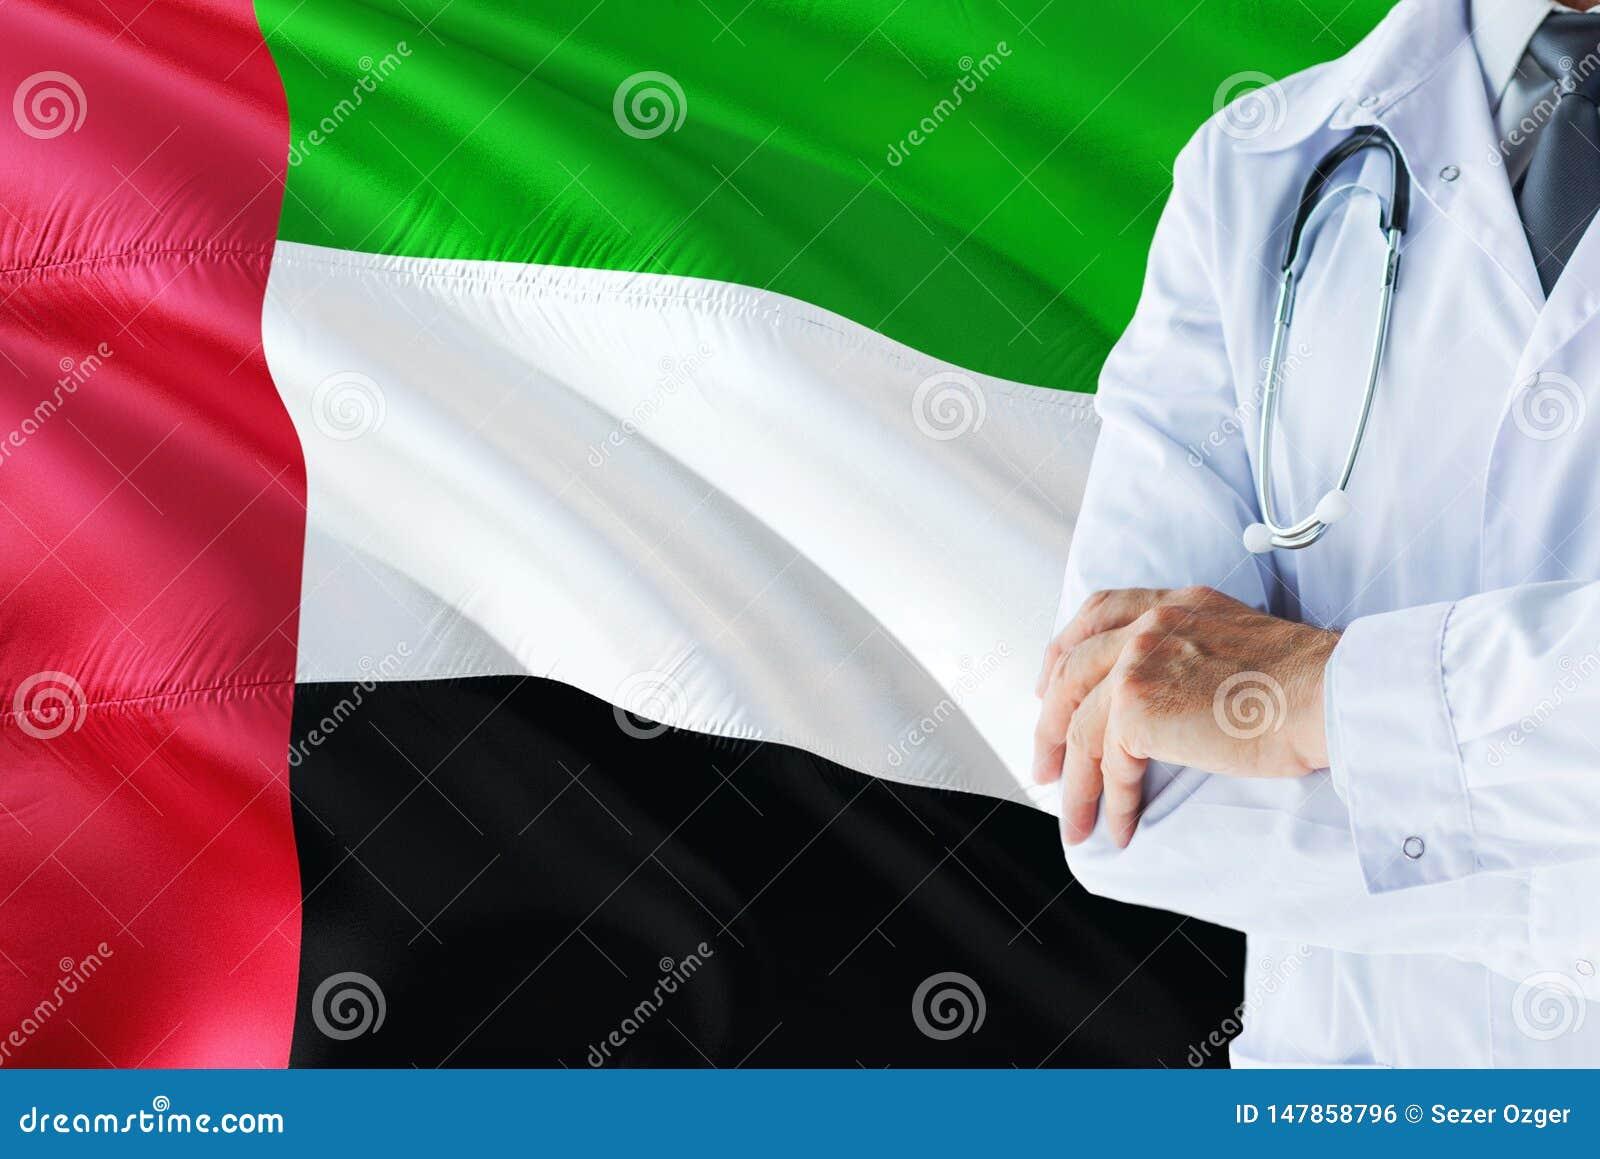 Doctor de Emirian que se coloca con el estetoscopio en fondo de la bandera de United Arab Emirates Concepto de sistema sanitario